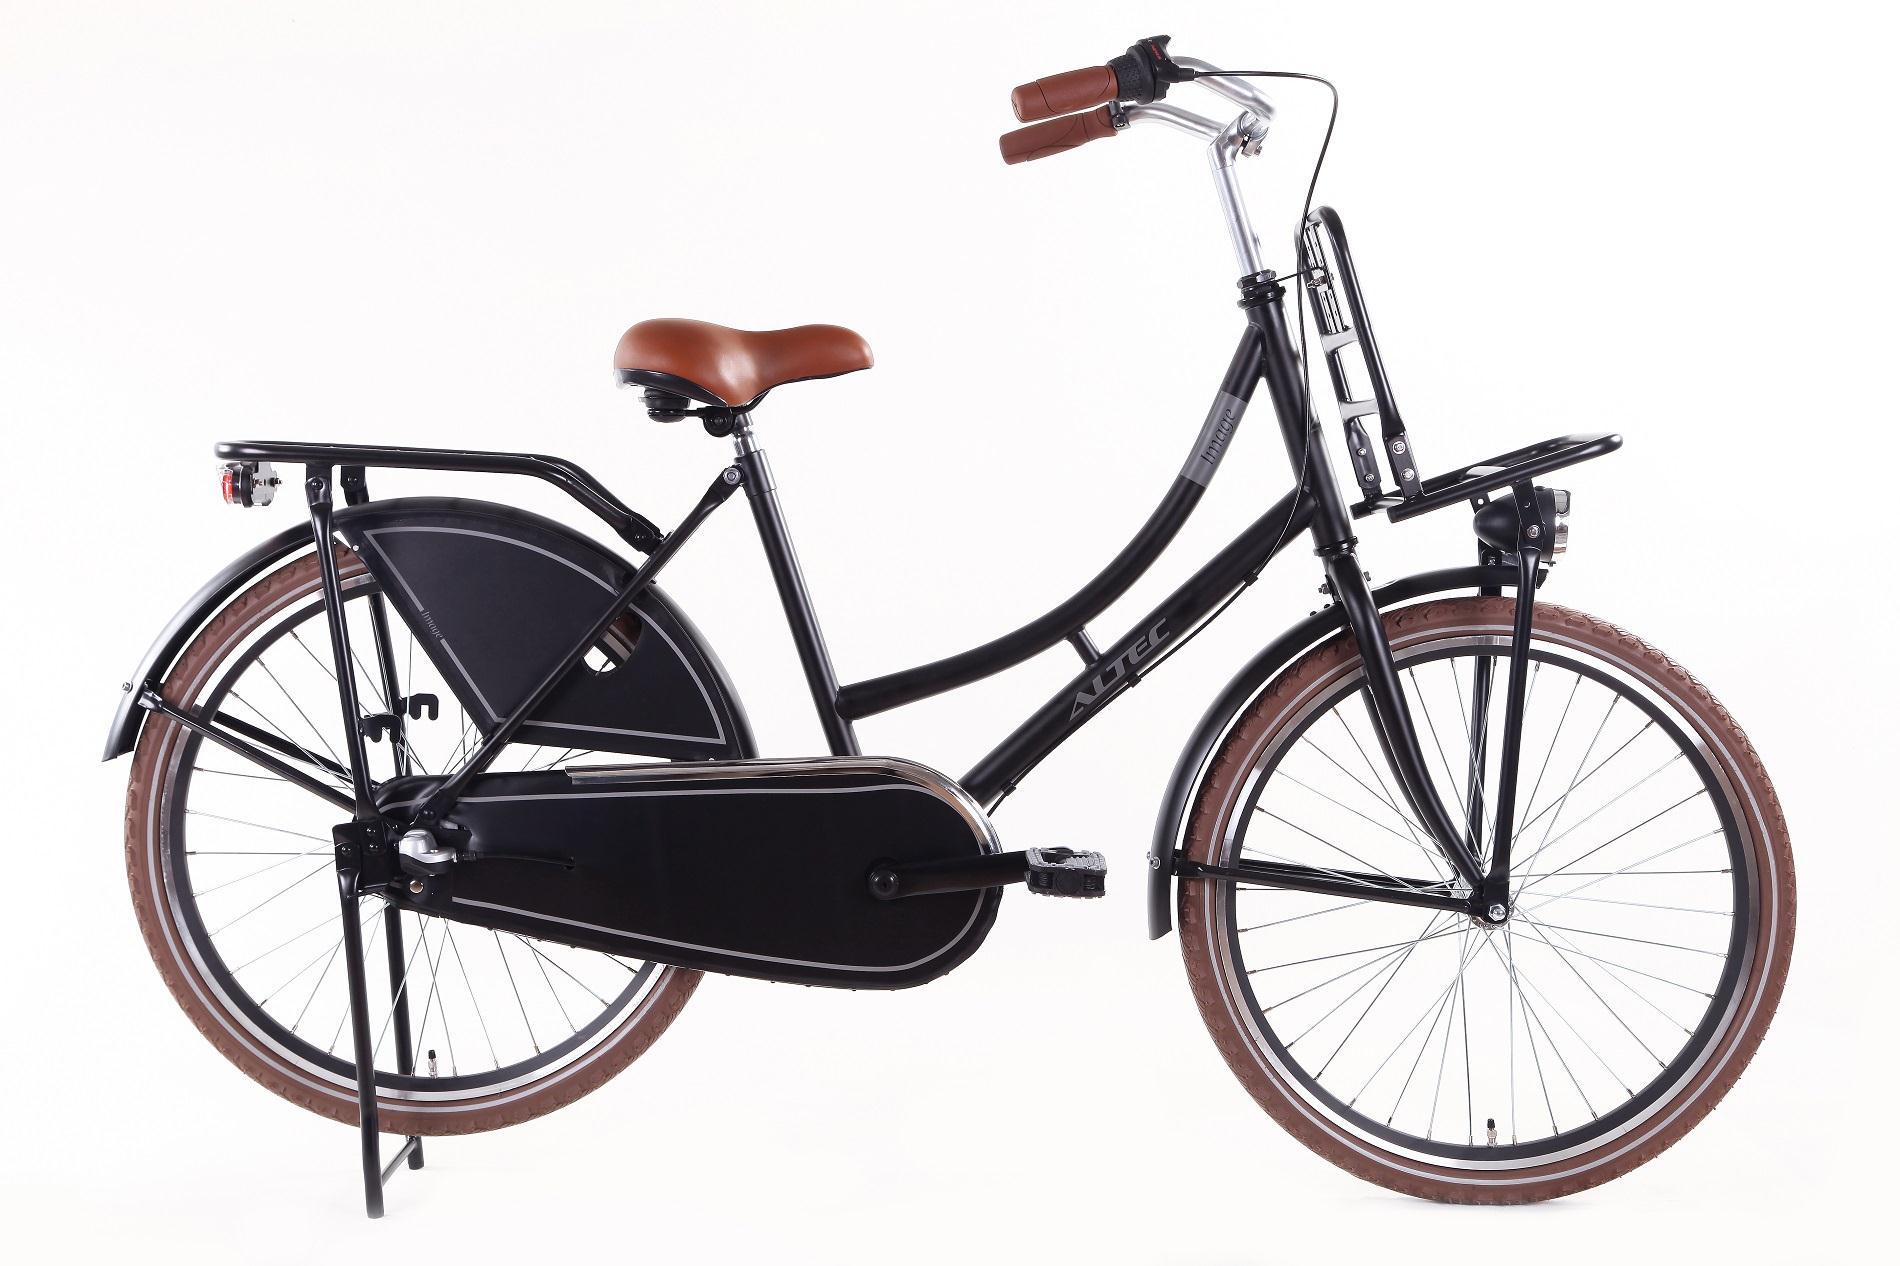 Altec Image Hollandrad 24 oder 28 Zoll für 275€ beiGreenbike-Shop